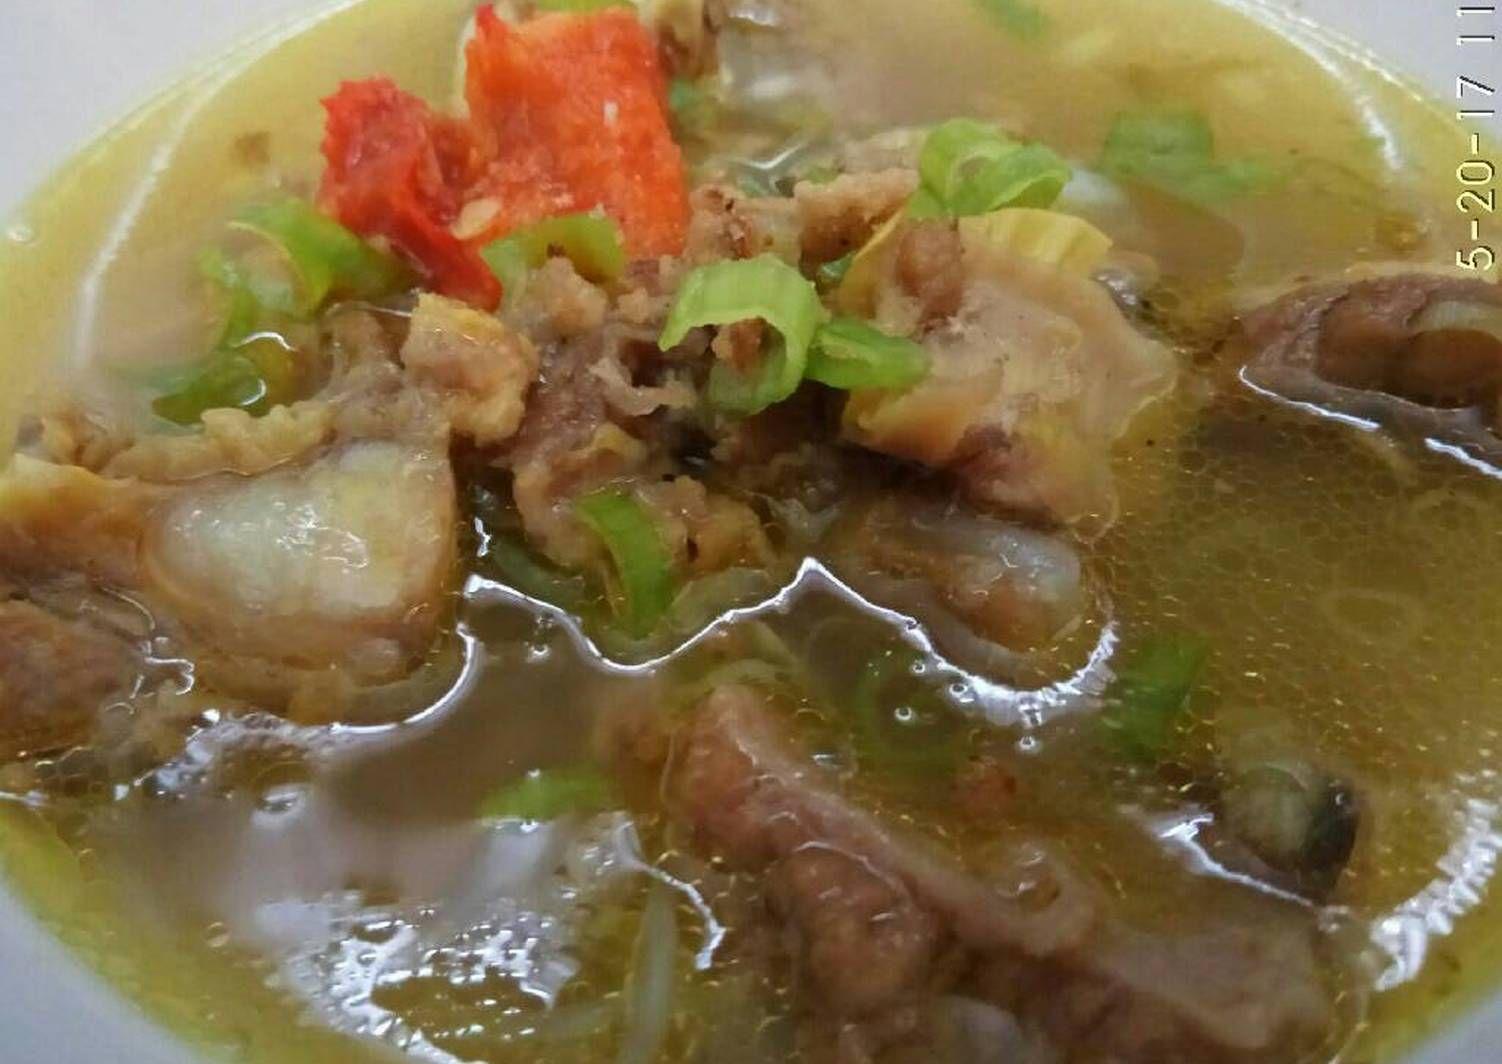 Resep Soto Daging Bening Segaar Oleh Dapur Andwina Resep Resep Resep Makanan Sehat Resep Masakan